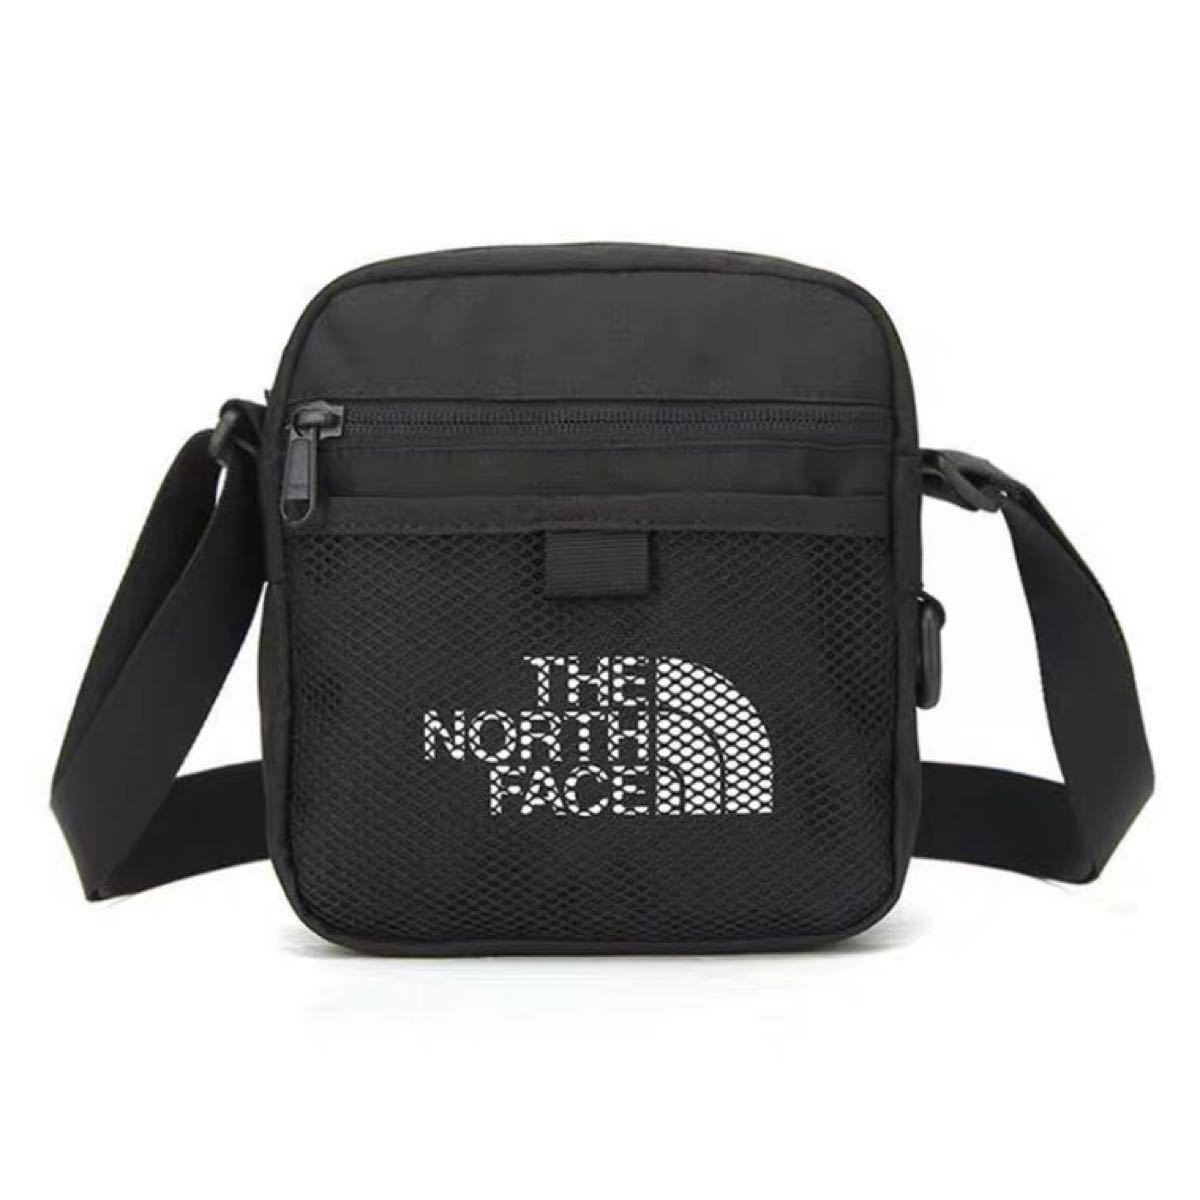 ザ・ノースフェイス THE NORTH FACE ショルダーバッグ